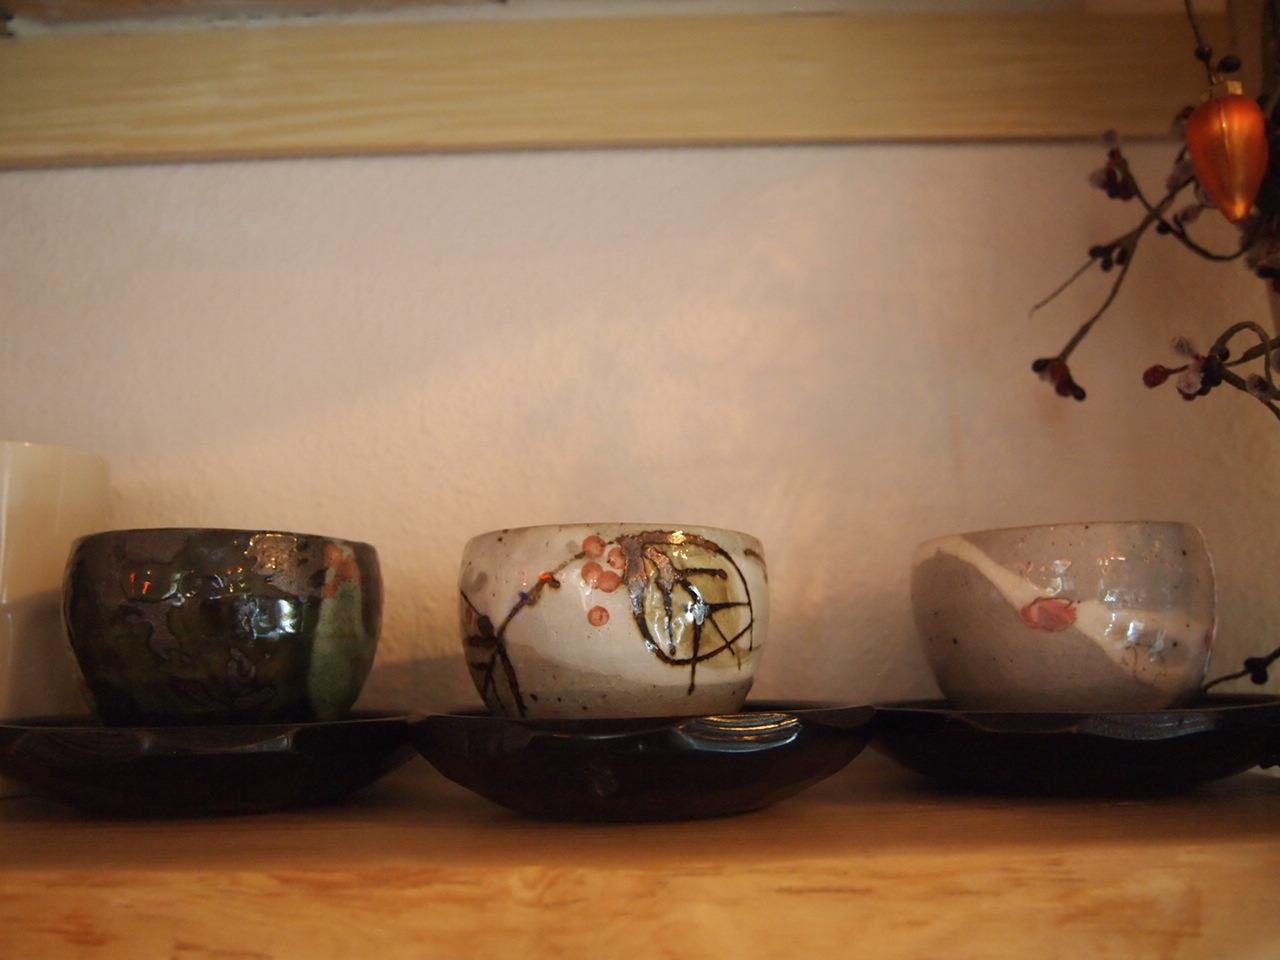 ビオを超えたビオ!ベルリンのカフェの抹茶がとにかく美味い!